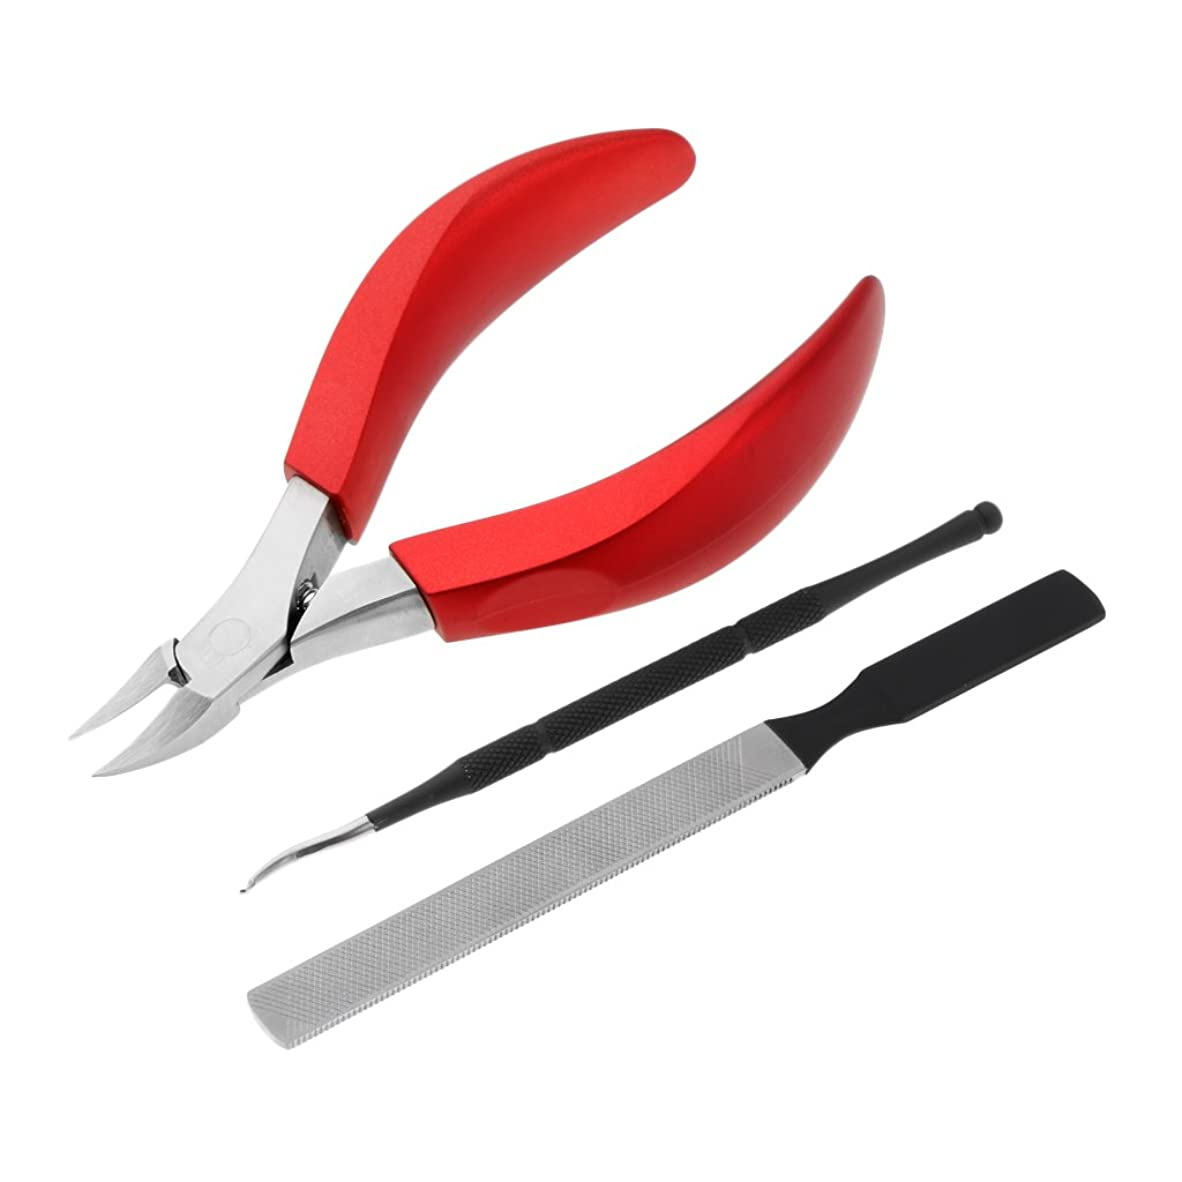 練習午後ファシズムBlesiya ネイルアート ネイルカッター キューティクルニッパー キューティクルプッシャー ネイルファイル 甘皮ニッパー ステンレス製 耐久性 3点入り 3色選べる - 赤